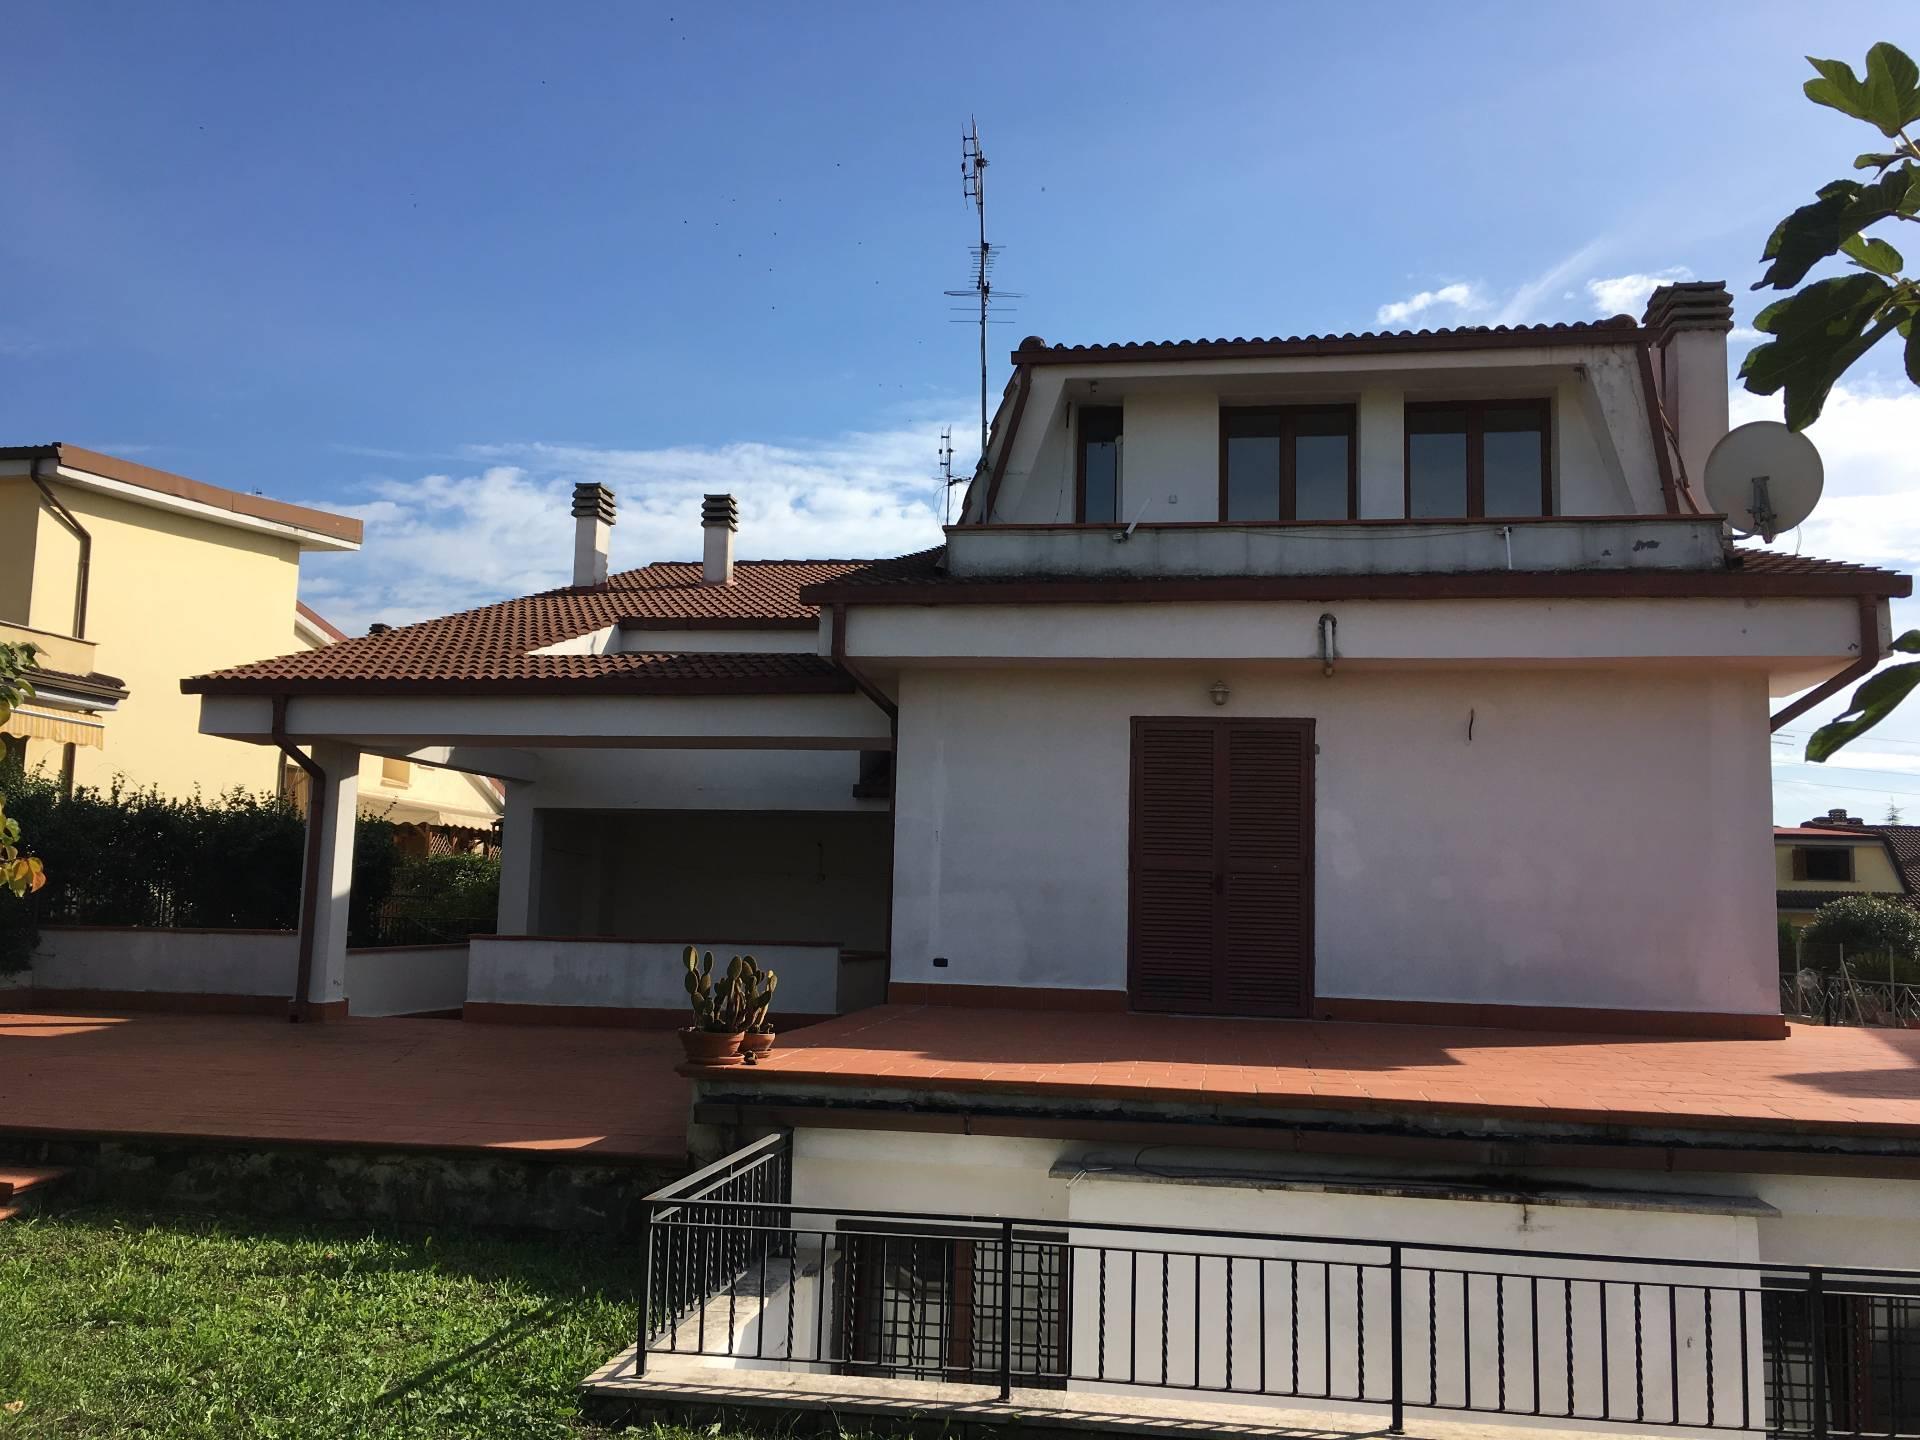 Villa Bifamiliare in vendita a Guidonia Montecelio, 7 locali, zona Località: ColleVerde, prezzo € 358.000 | CambioCasa.it